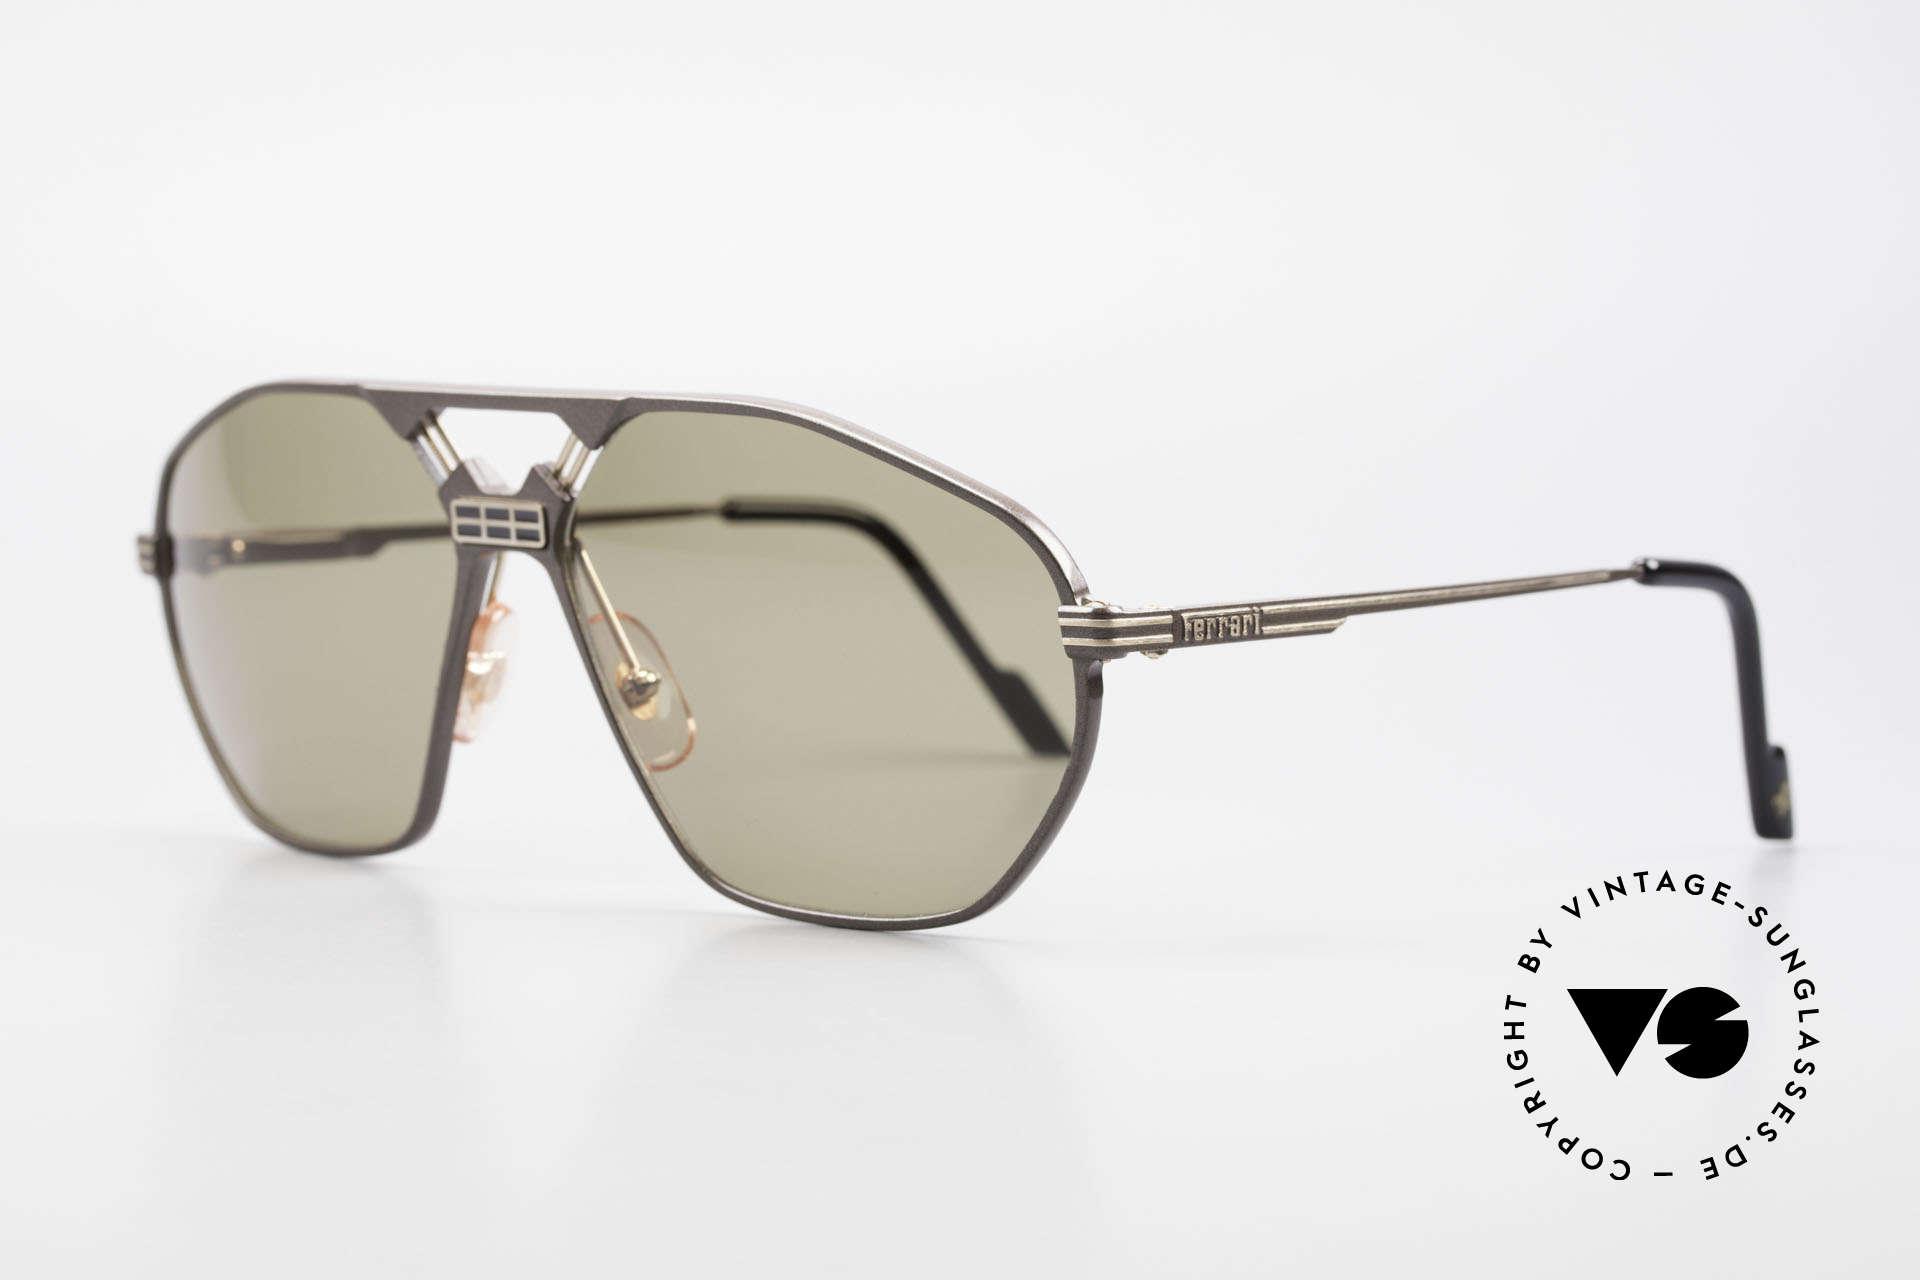 """Ferrari F22/S XL Luxus Sonnenbrille Herren, modifizierte """"Aviator-Brille"""" mit Federscharnieren, Passend für Herren"""